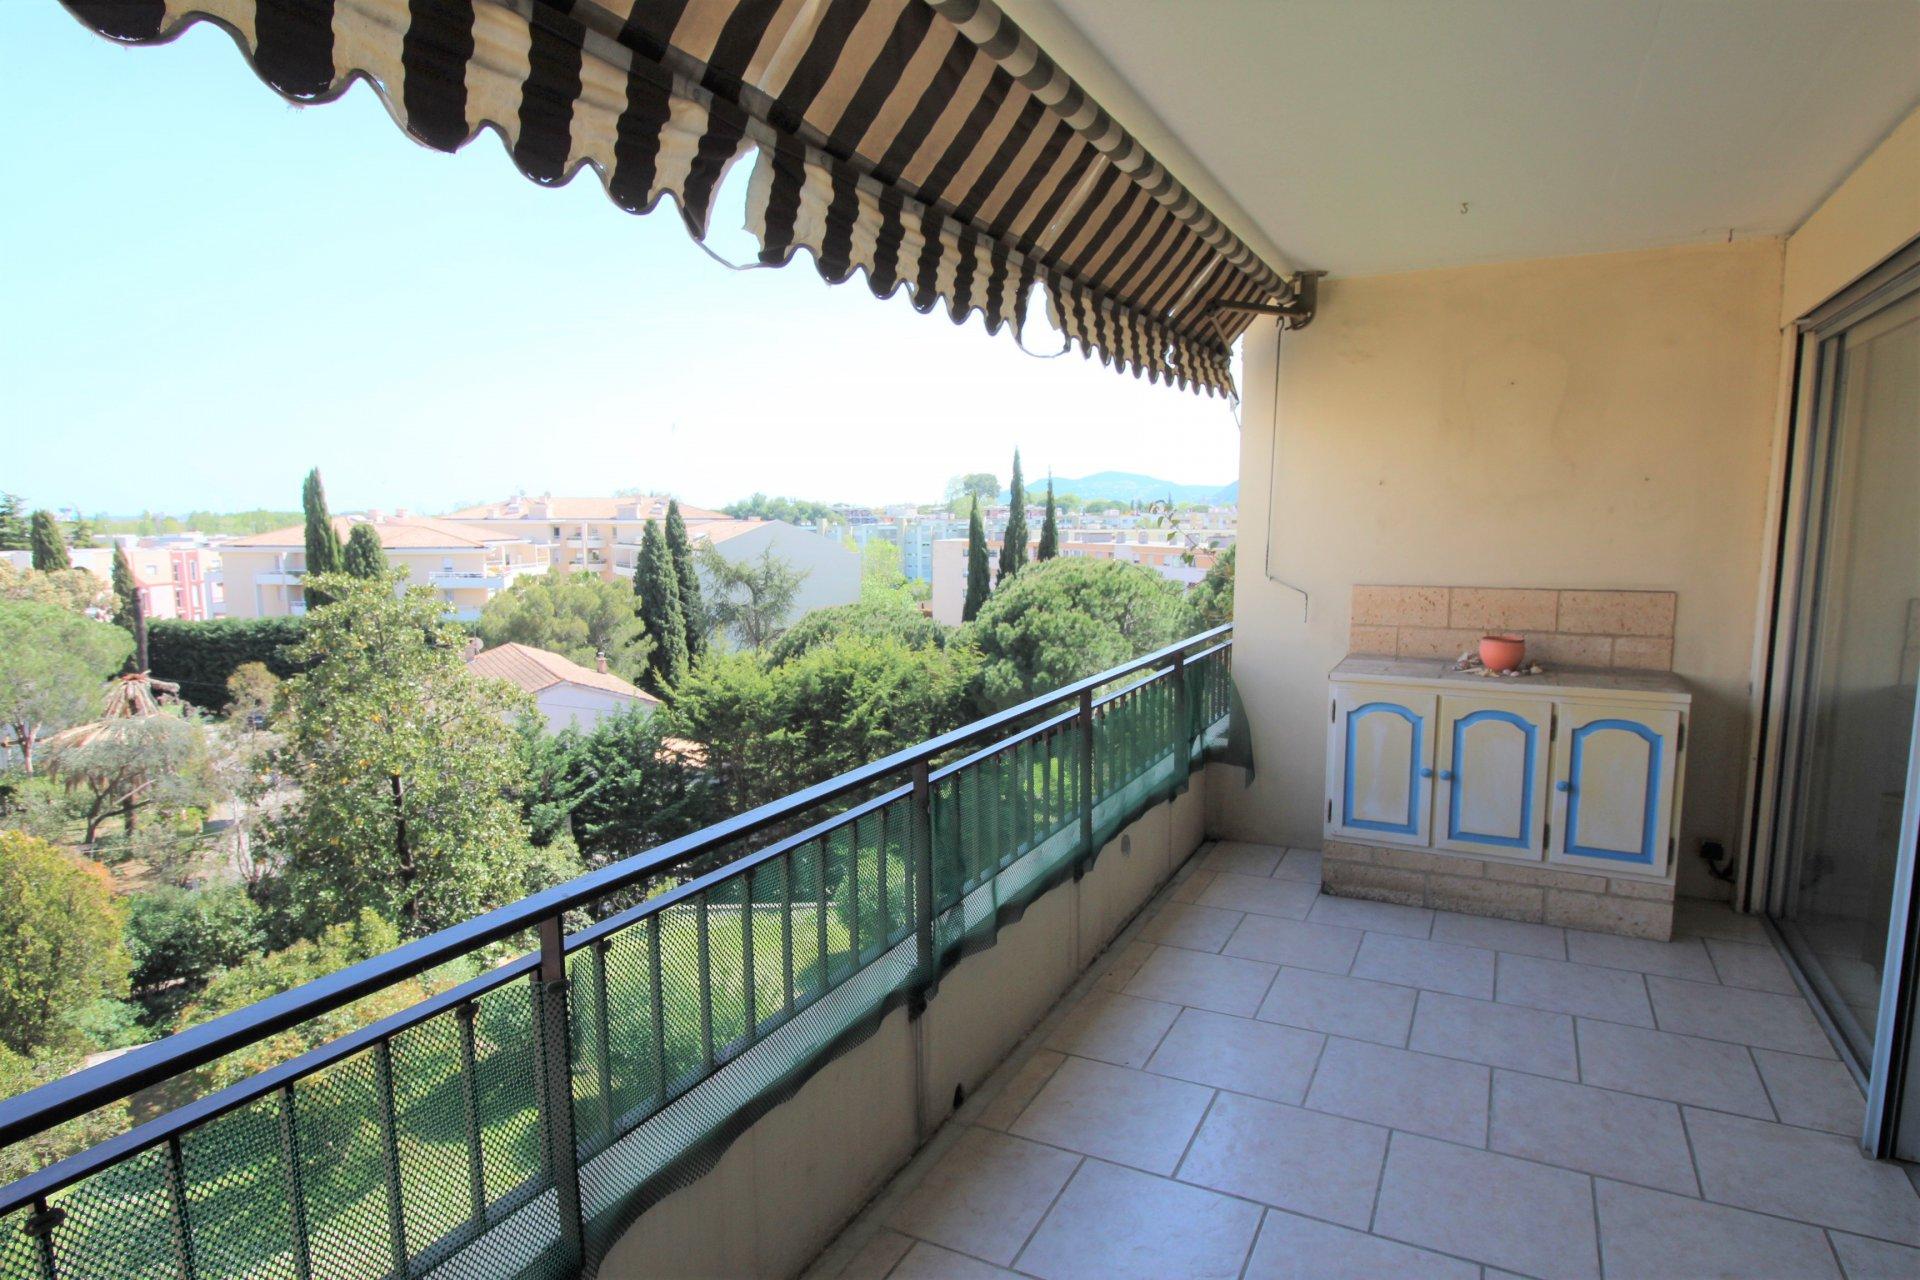 Mandelieu, Capitou, 2/3 bedrooms duplex, top floor